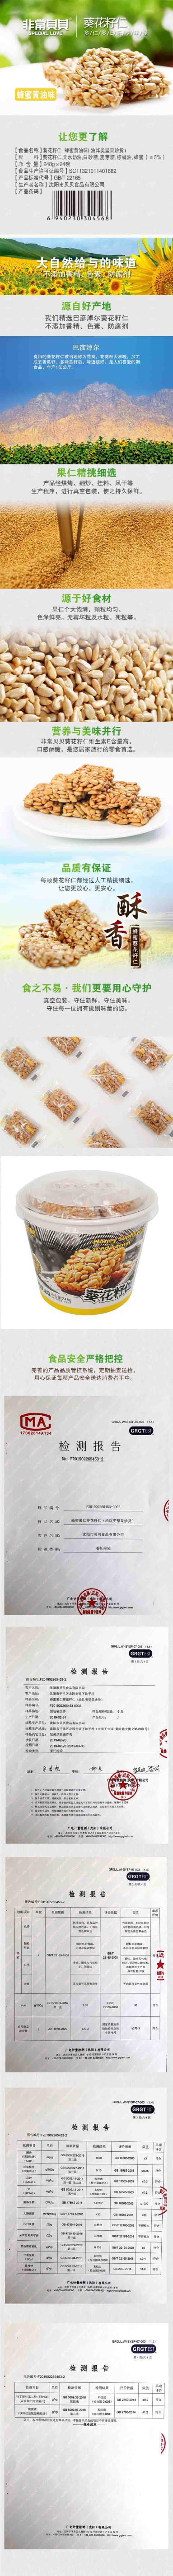 248g葵花籽-黄油-详情页-小